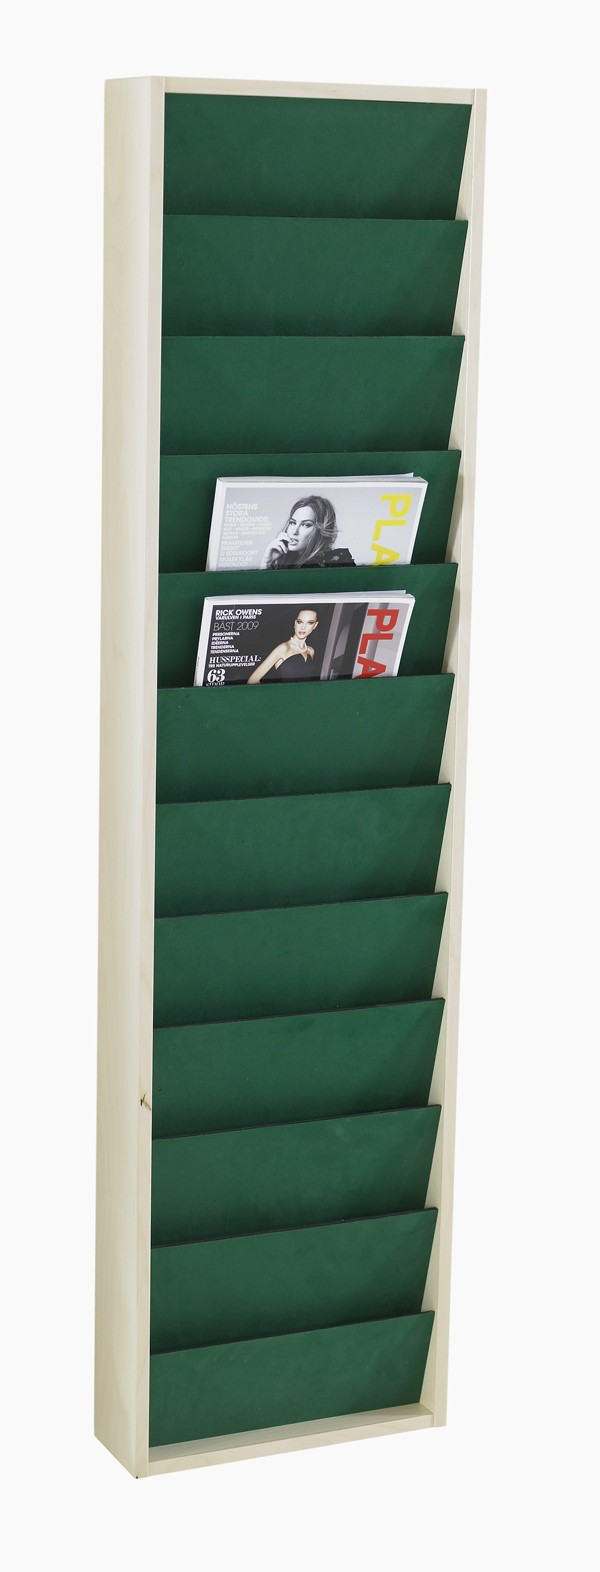 Rida, Zeitschriftenwand